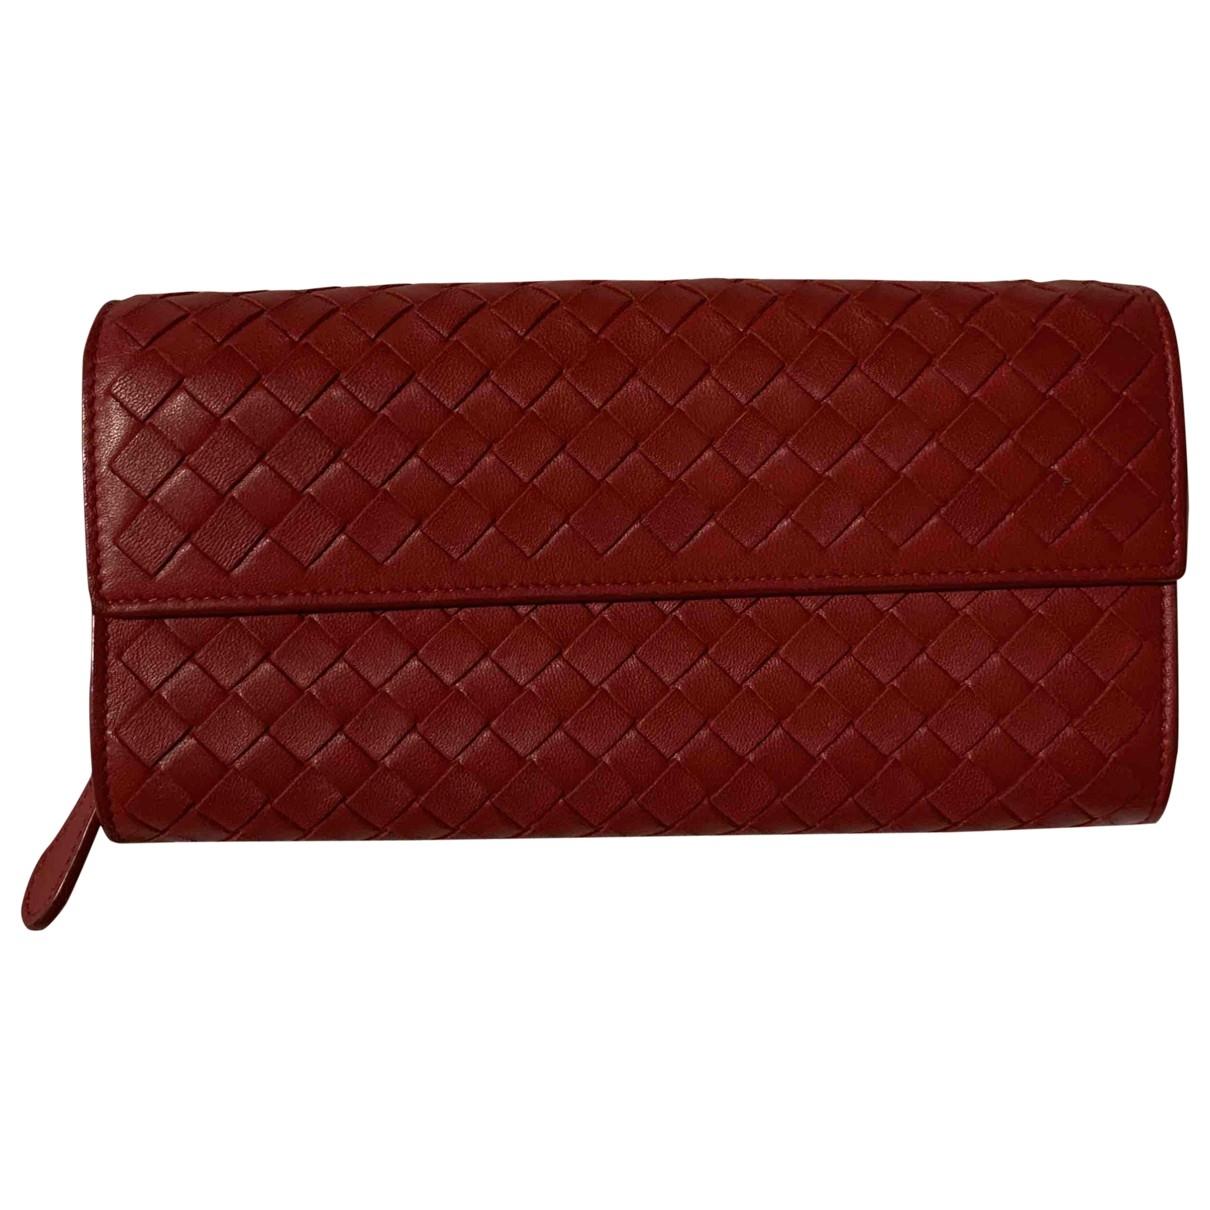 Bottega Veneta - Portefeuille Intrecciato pour femme en cuir - rouge